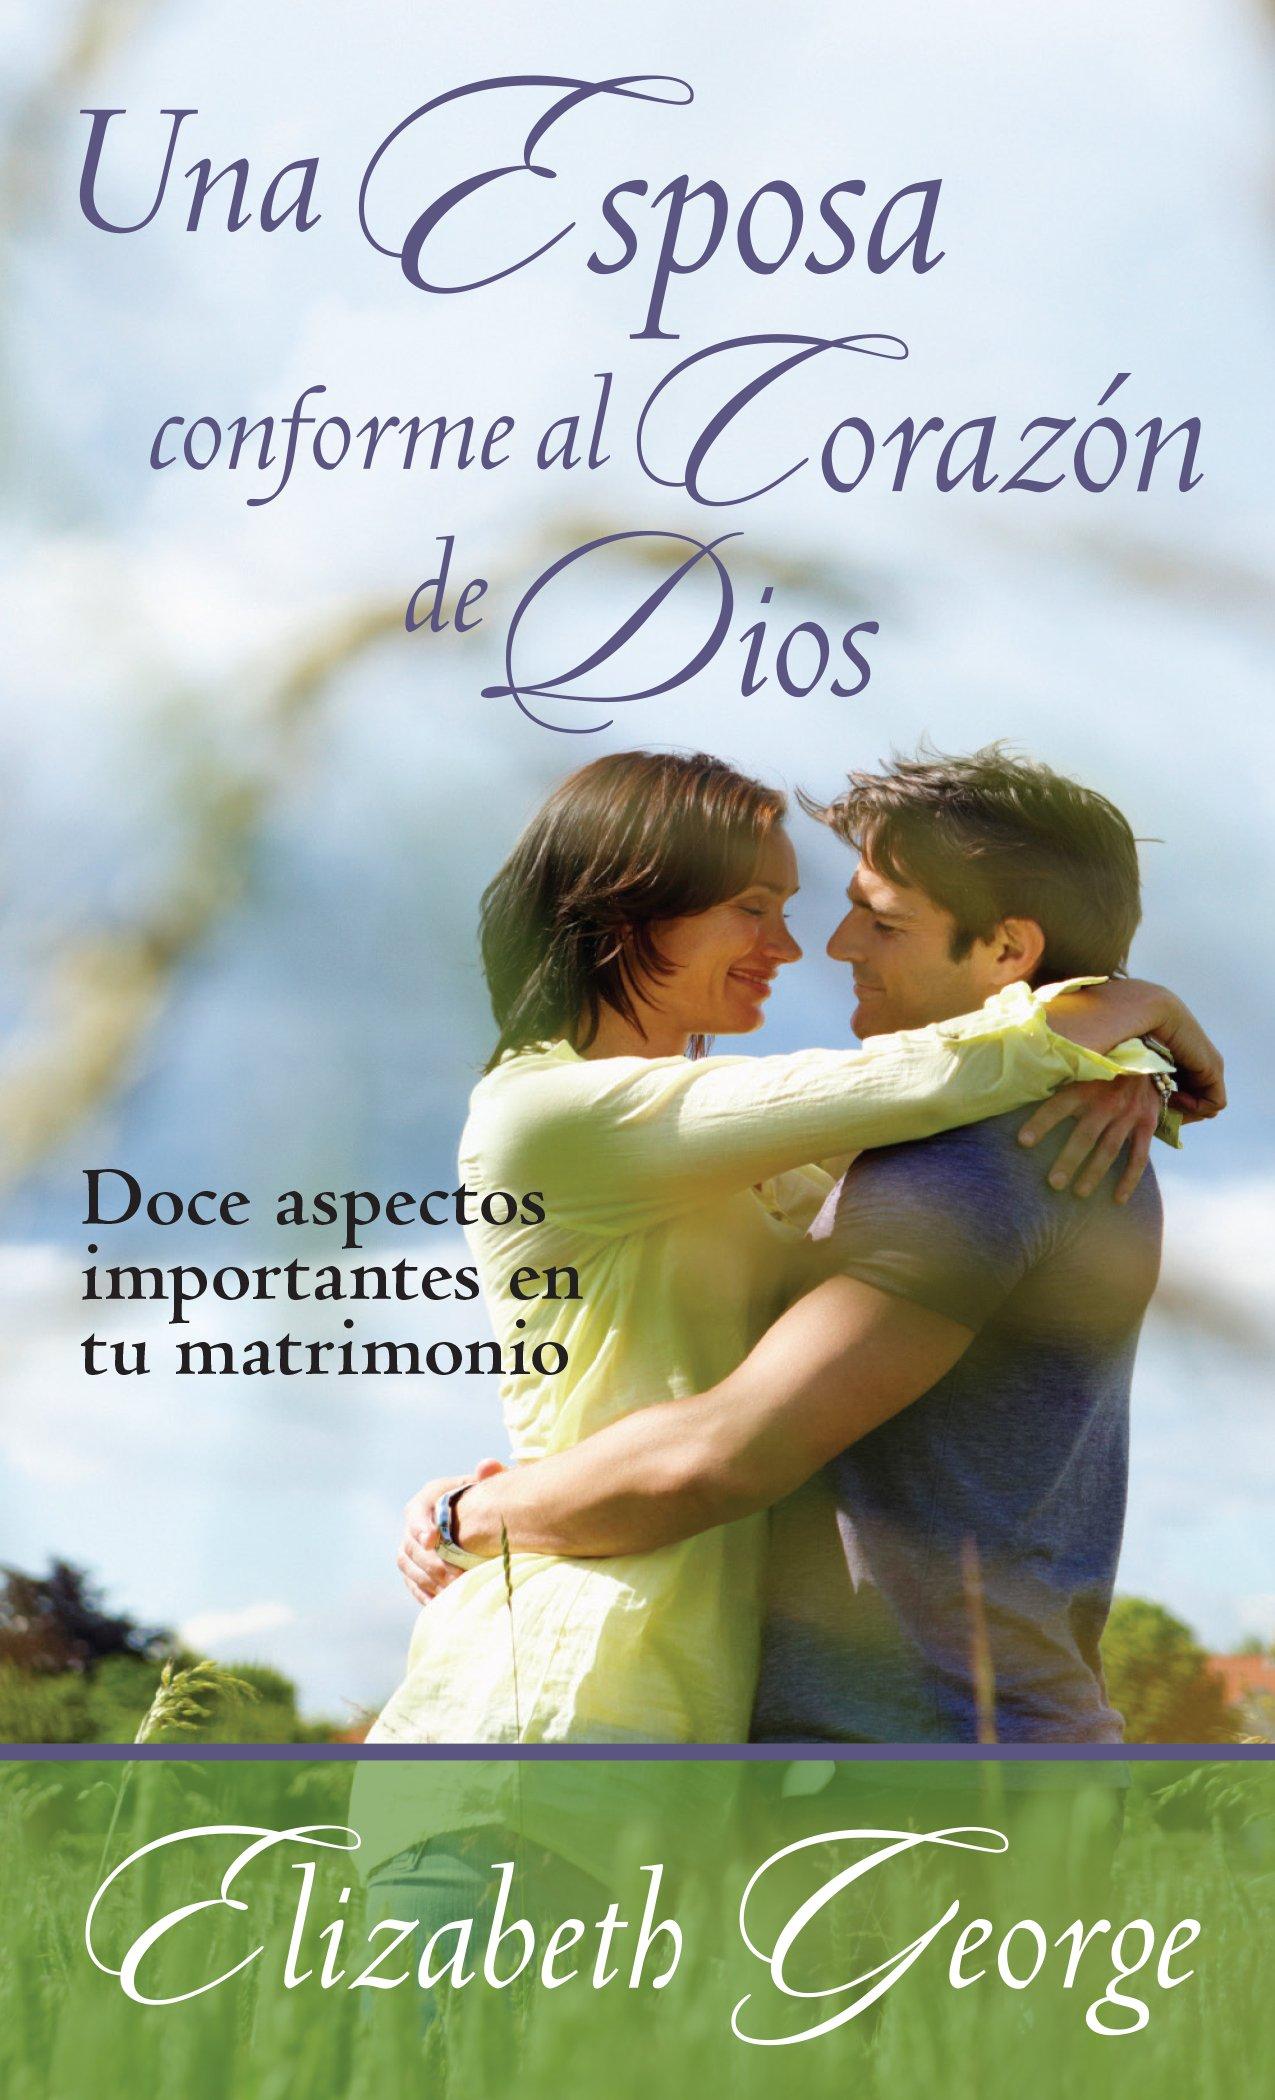 Una esposa conforme al corazón de Dios